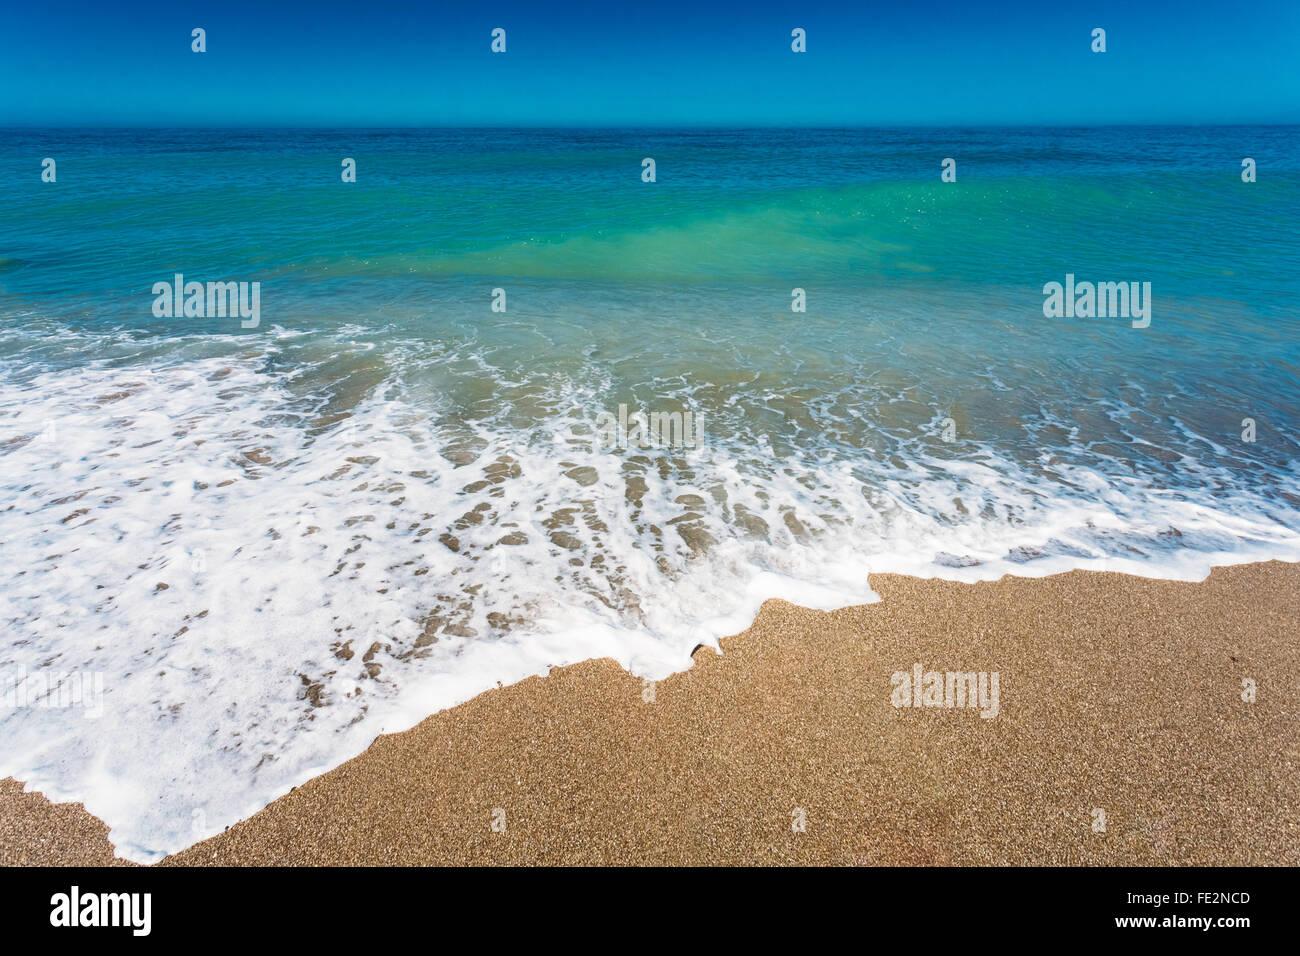 Soft Mare Oceano Onde Lavare Sulla Sabbia Dorata Sfondo Onda Di